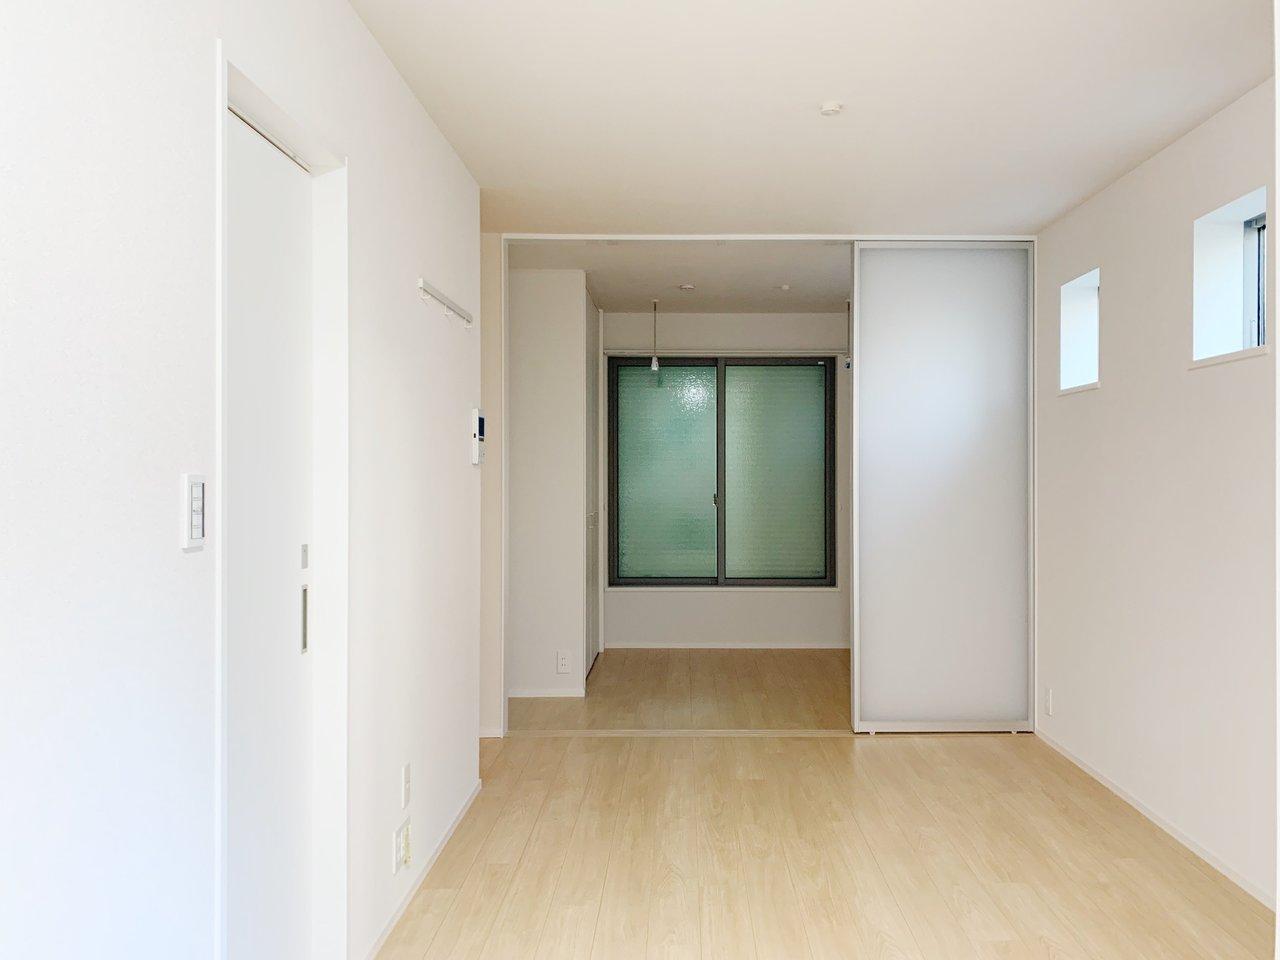 2020年9月築の、新築のお部屋です。引き戸で仕切るタイプの1LDK